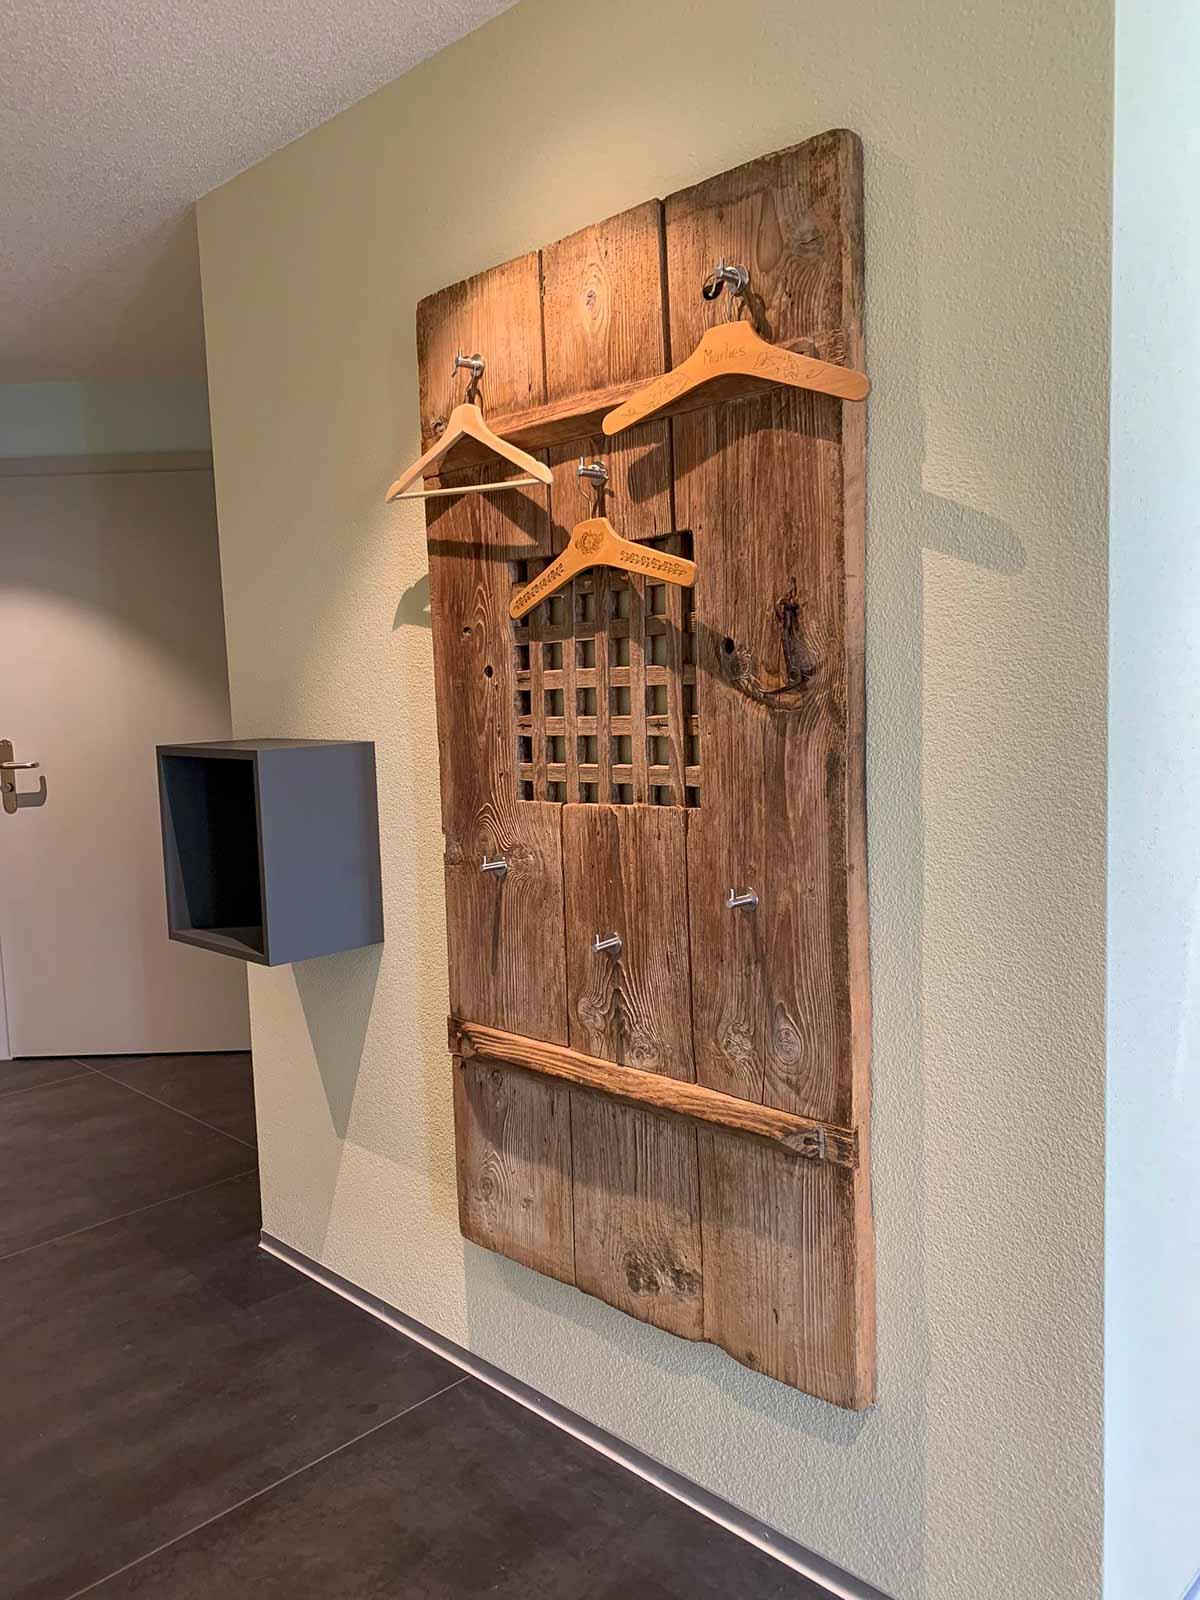 Wooddesign_Garderobe_Altholz_anthrazit_offene Garderobe_Edelstahl_modern_rustukal (8)